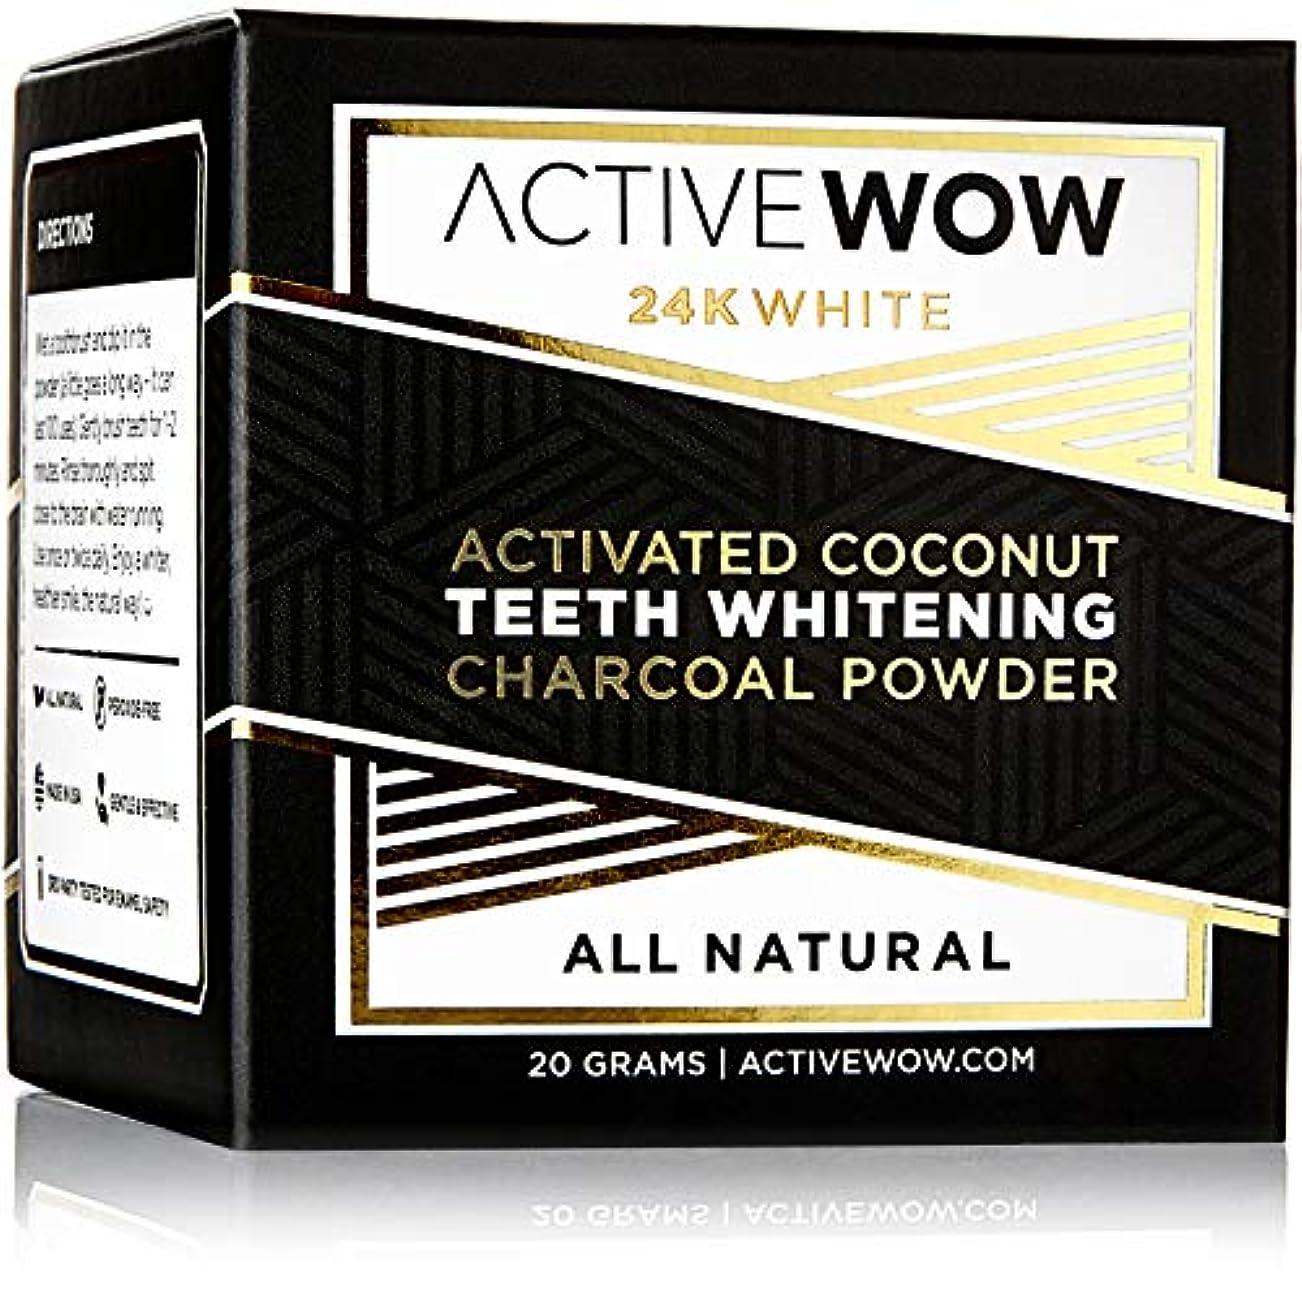 寛容な宿泊施設誇りに思うアクティブワオ (Active Wow) 歯のホワイトニングチャコールパウダー [海外直送品] (ナチュラル)